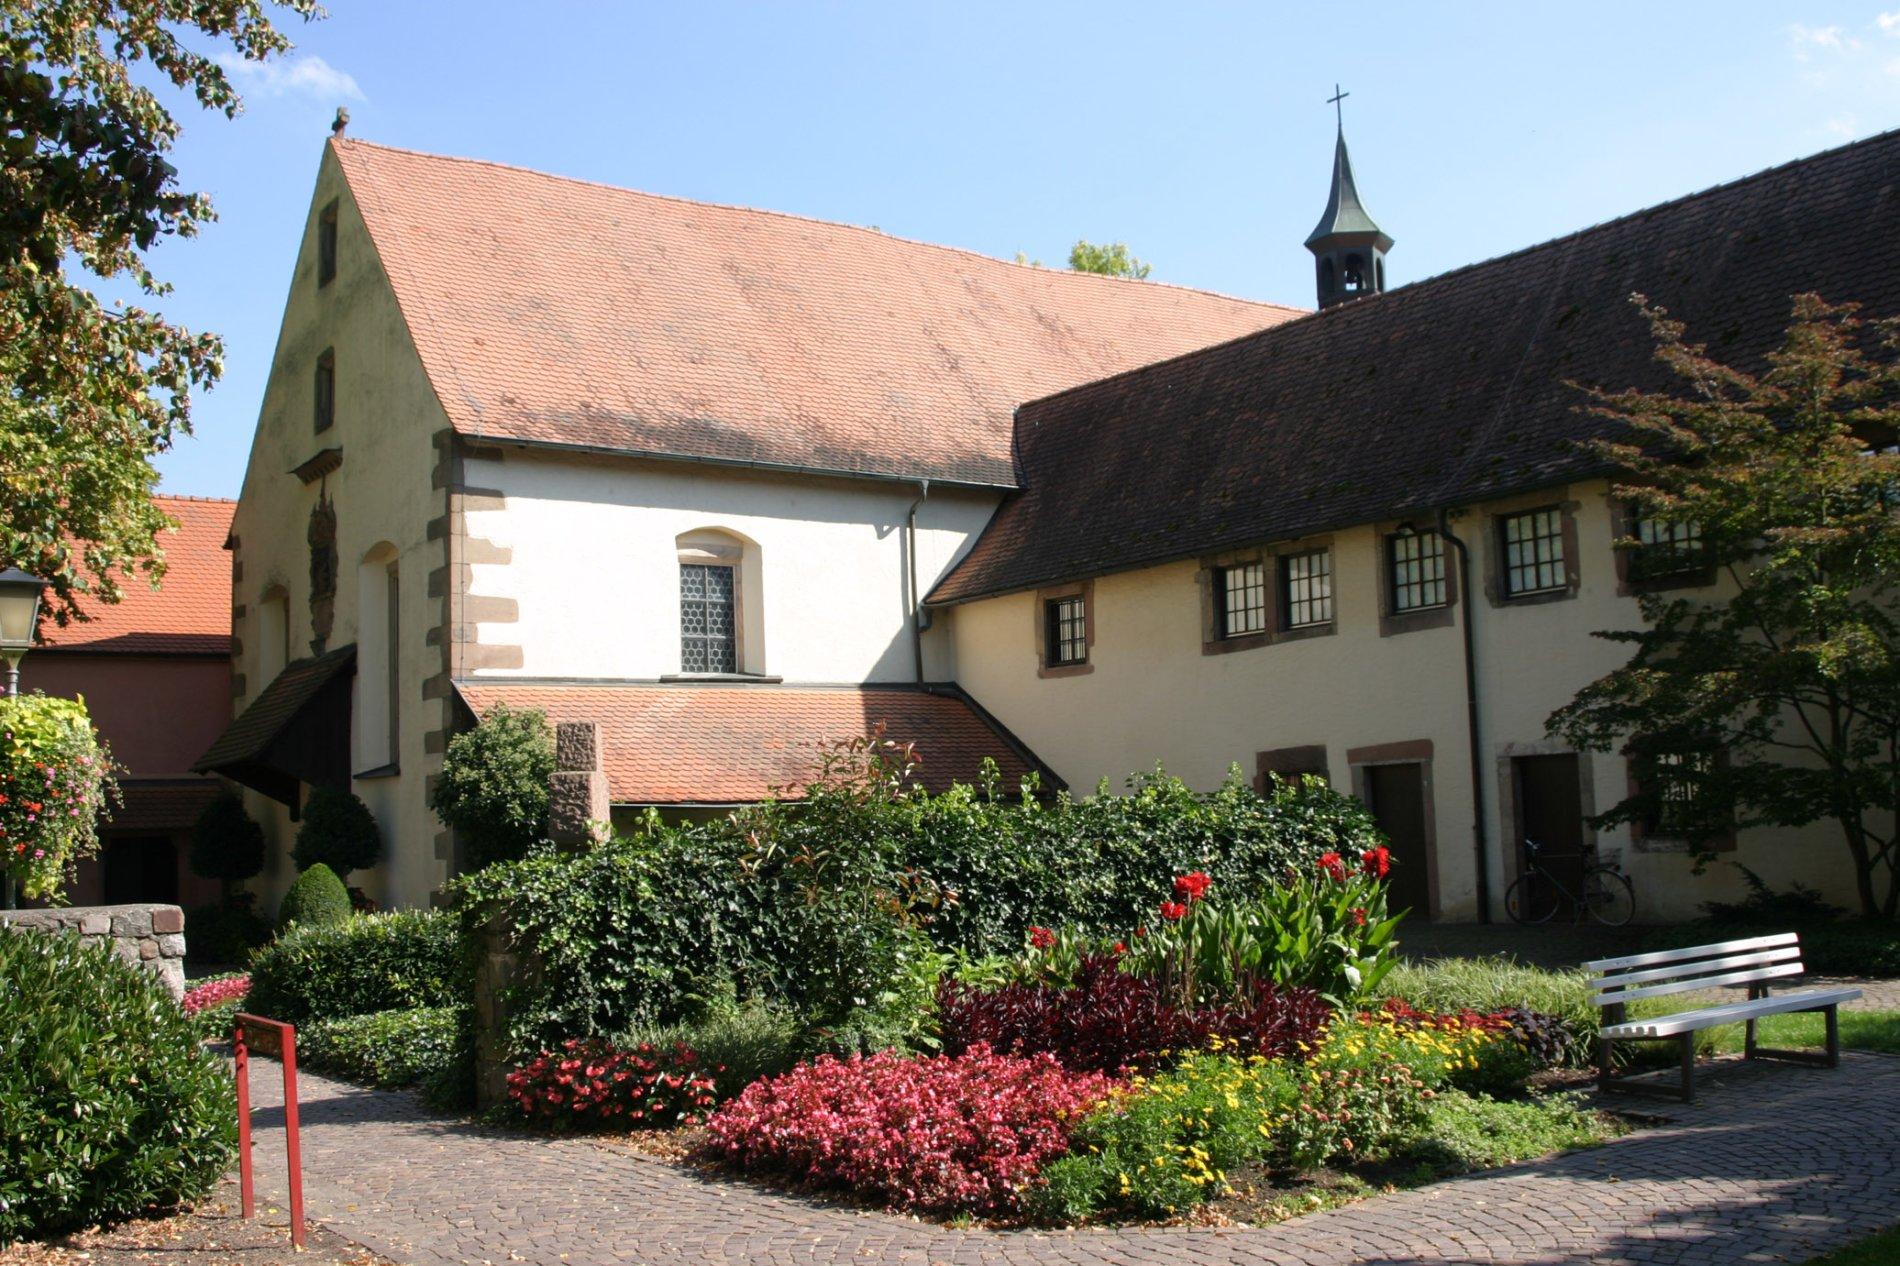 Die Klosterkirche und Loretokapelle gehören dem ehemaligrn Kapuzinerkloster aus dem Jahr 1630 an